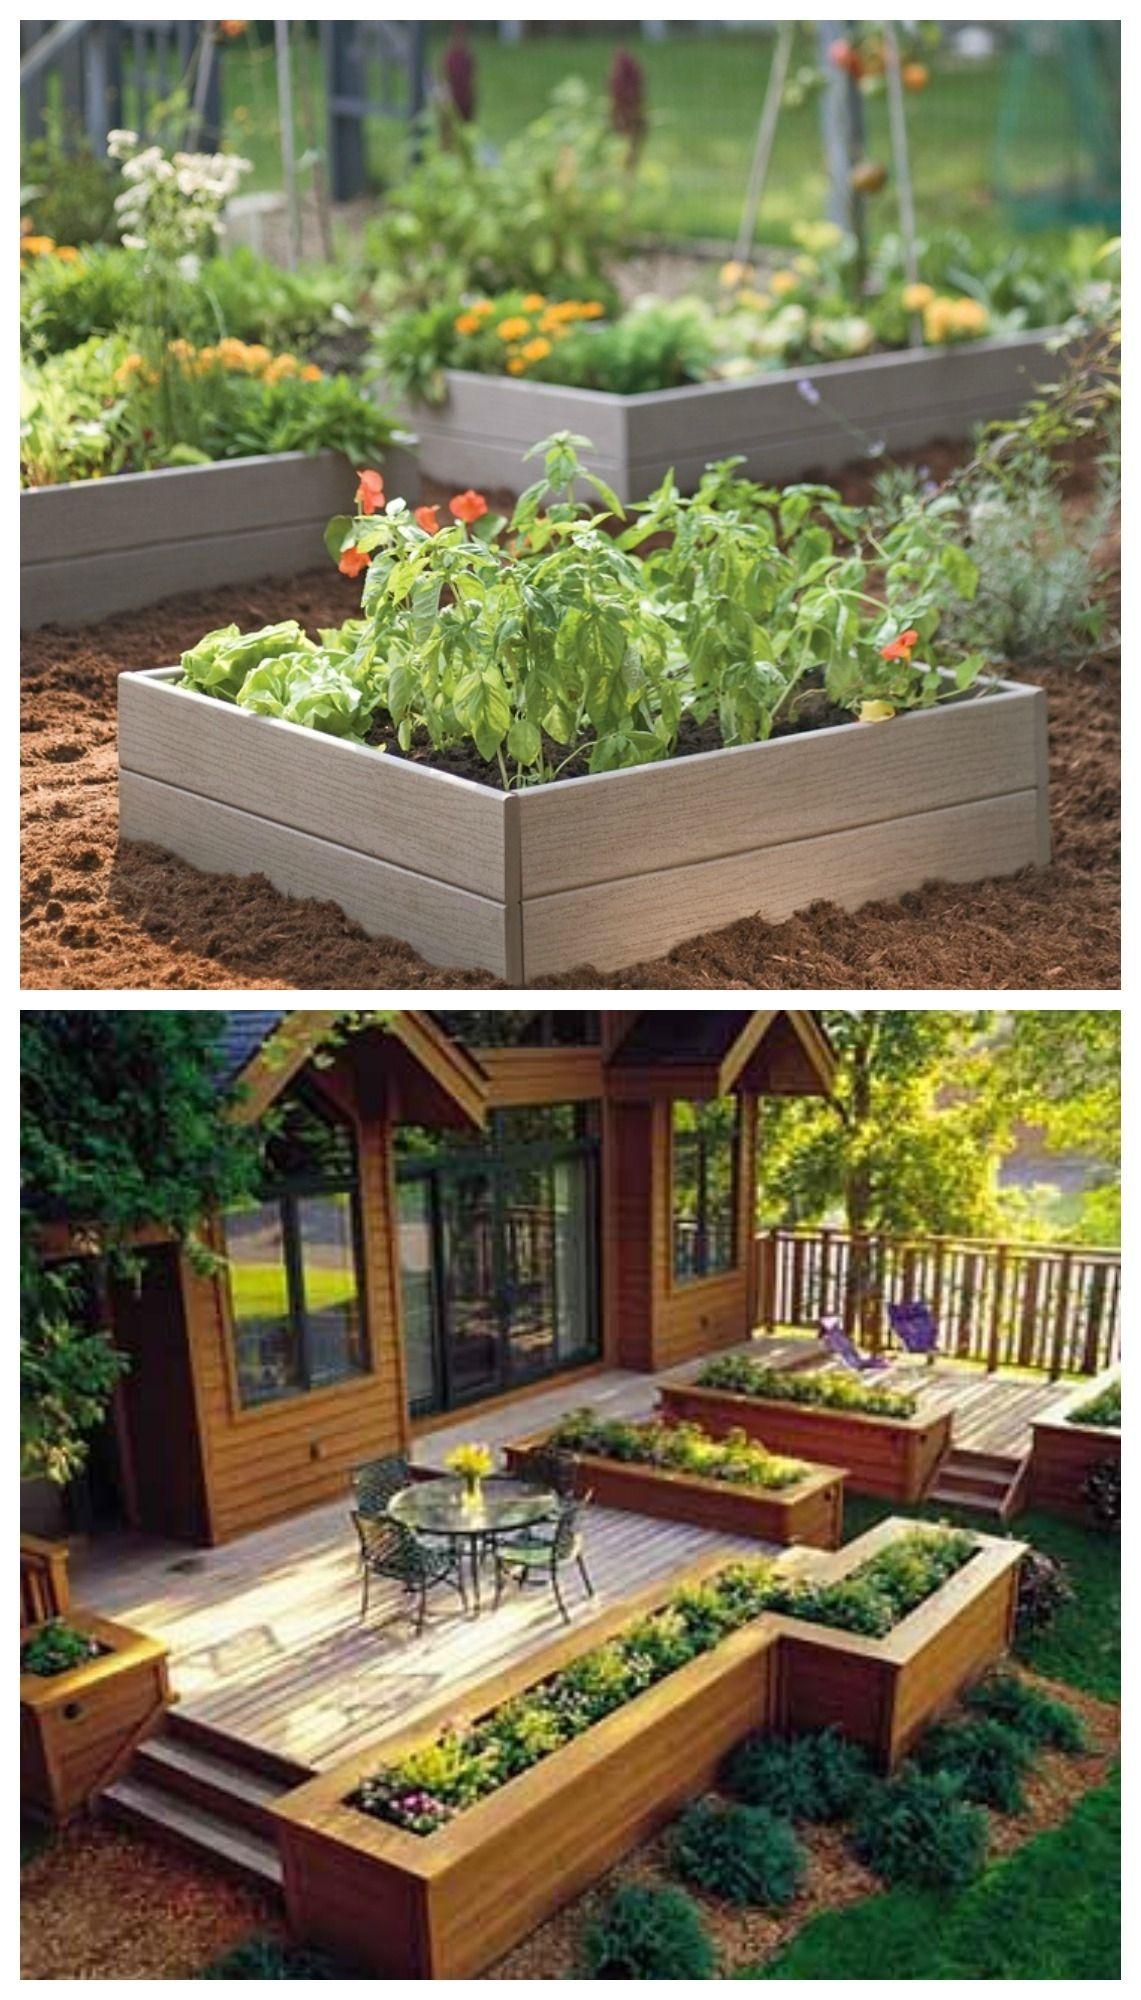 55 Cute Garden Ideas Bloxburg Bloxburg Garden Ideas Garden Projects Diy Garden Projects Backyard